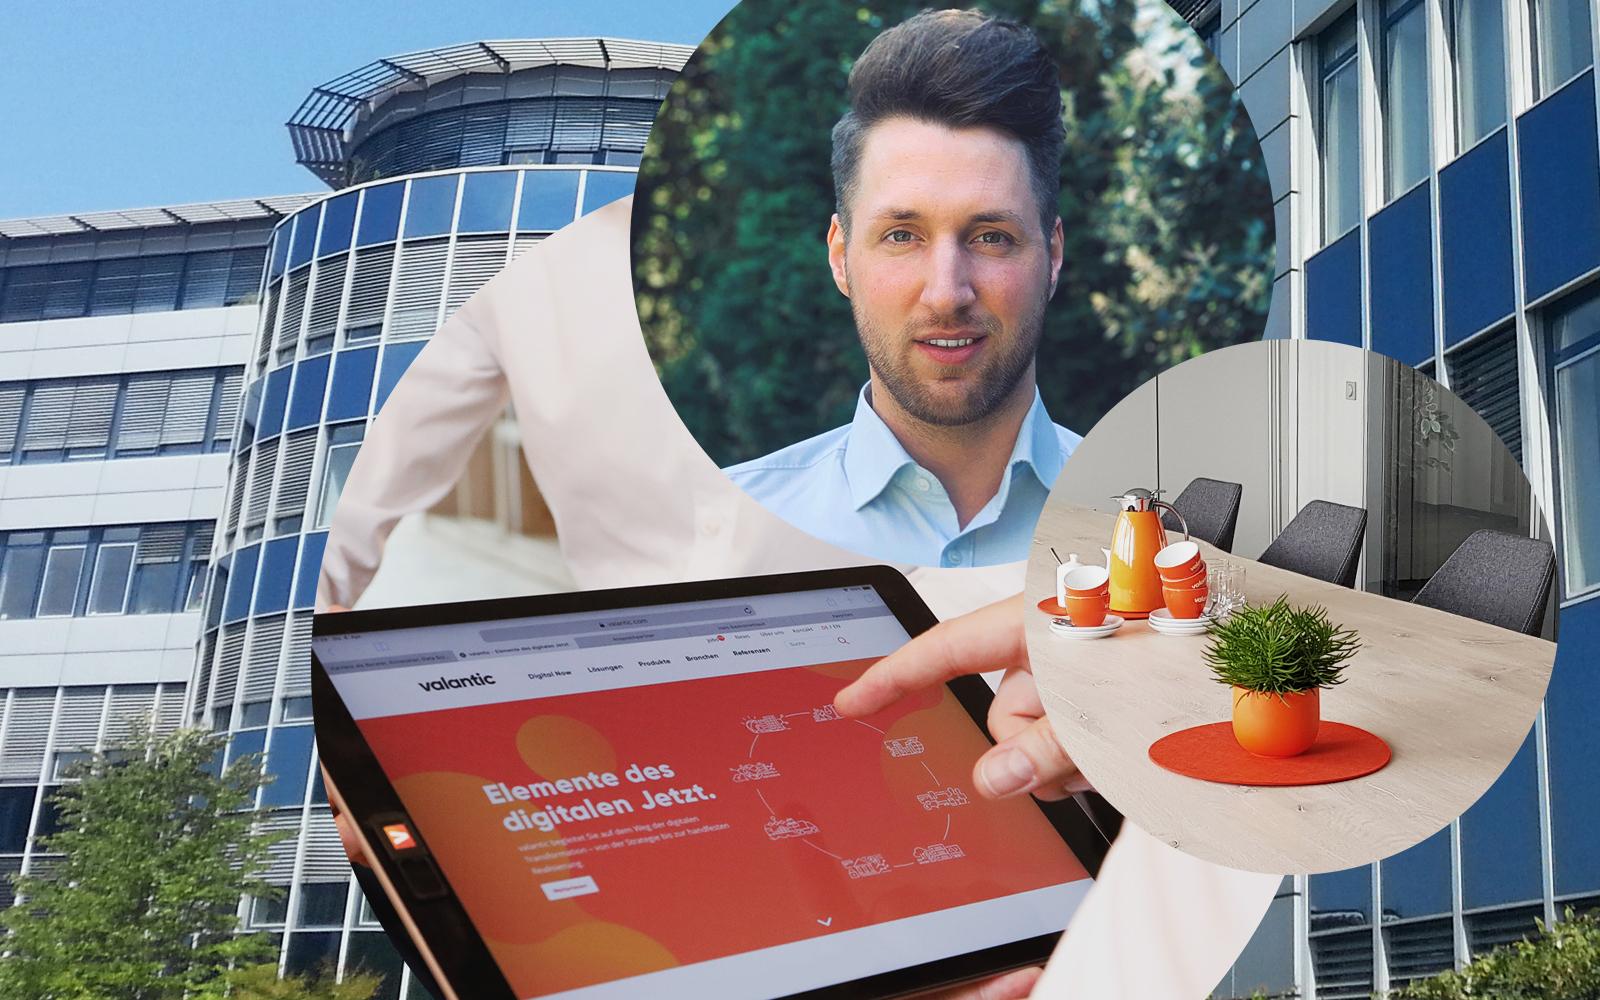 Bild von Bernd Besecke, Managing Consultant SAP bei valantic ERP, Bürogebäude in Langenfeld, Konferenzraum, Tablet mit valantic Website